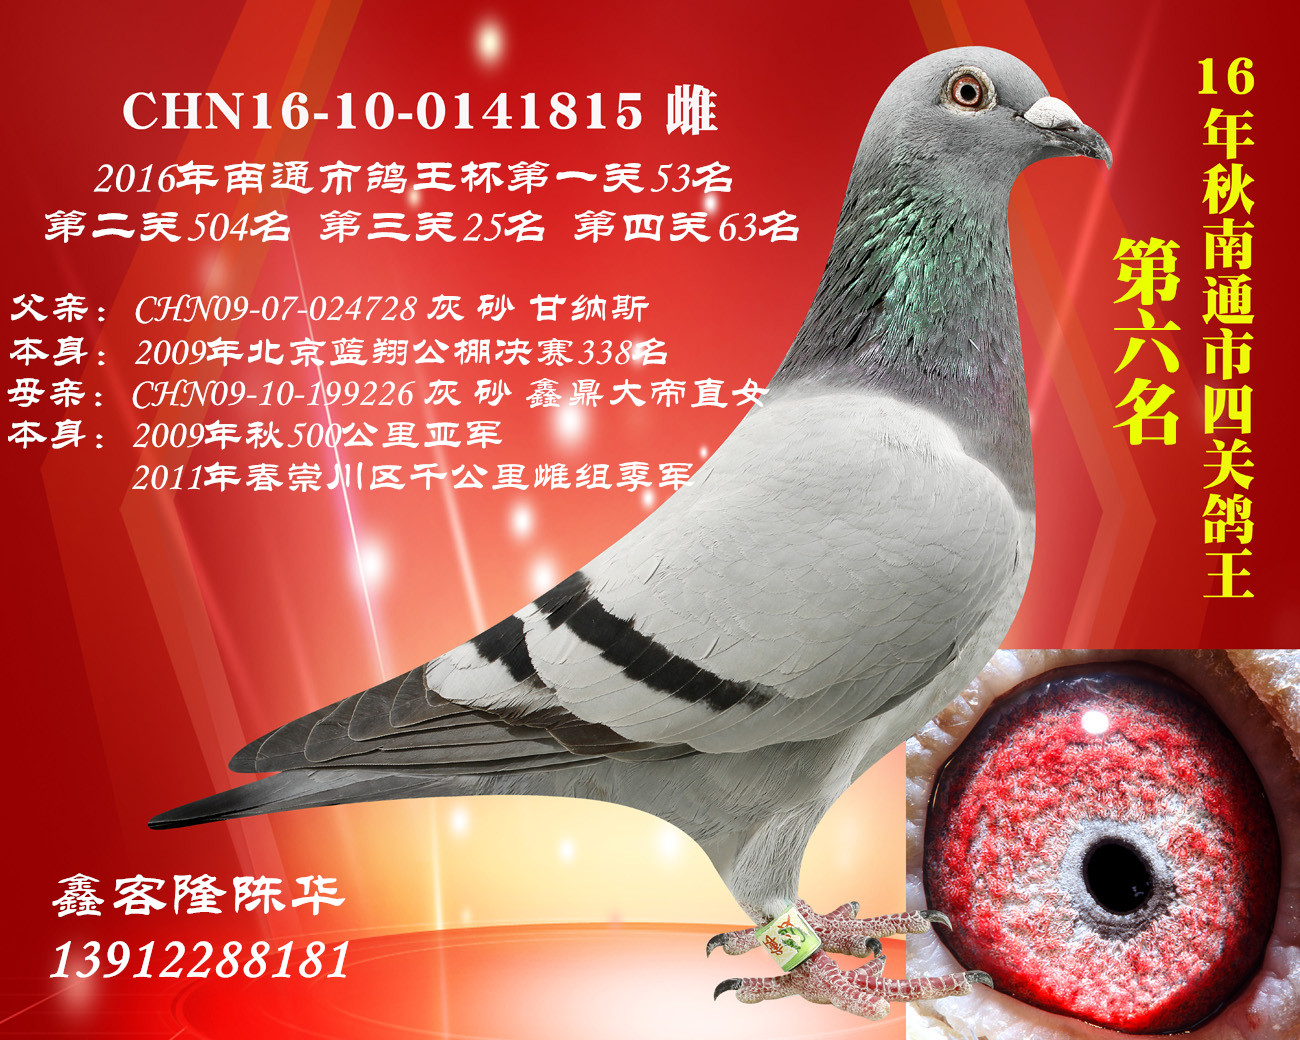 CHN16-10-0141815